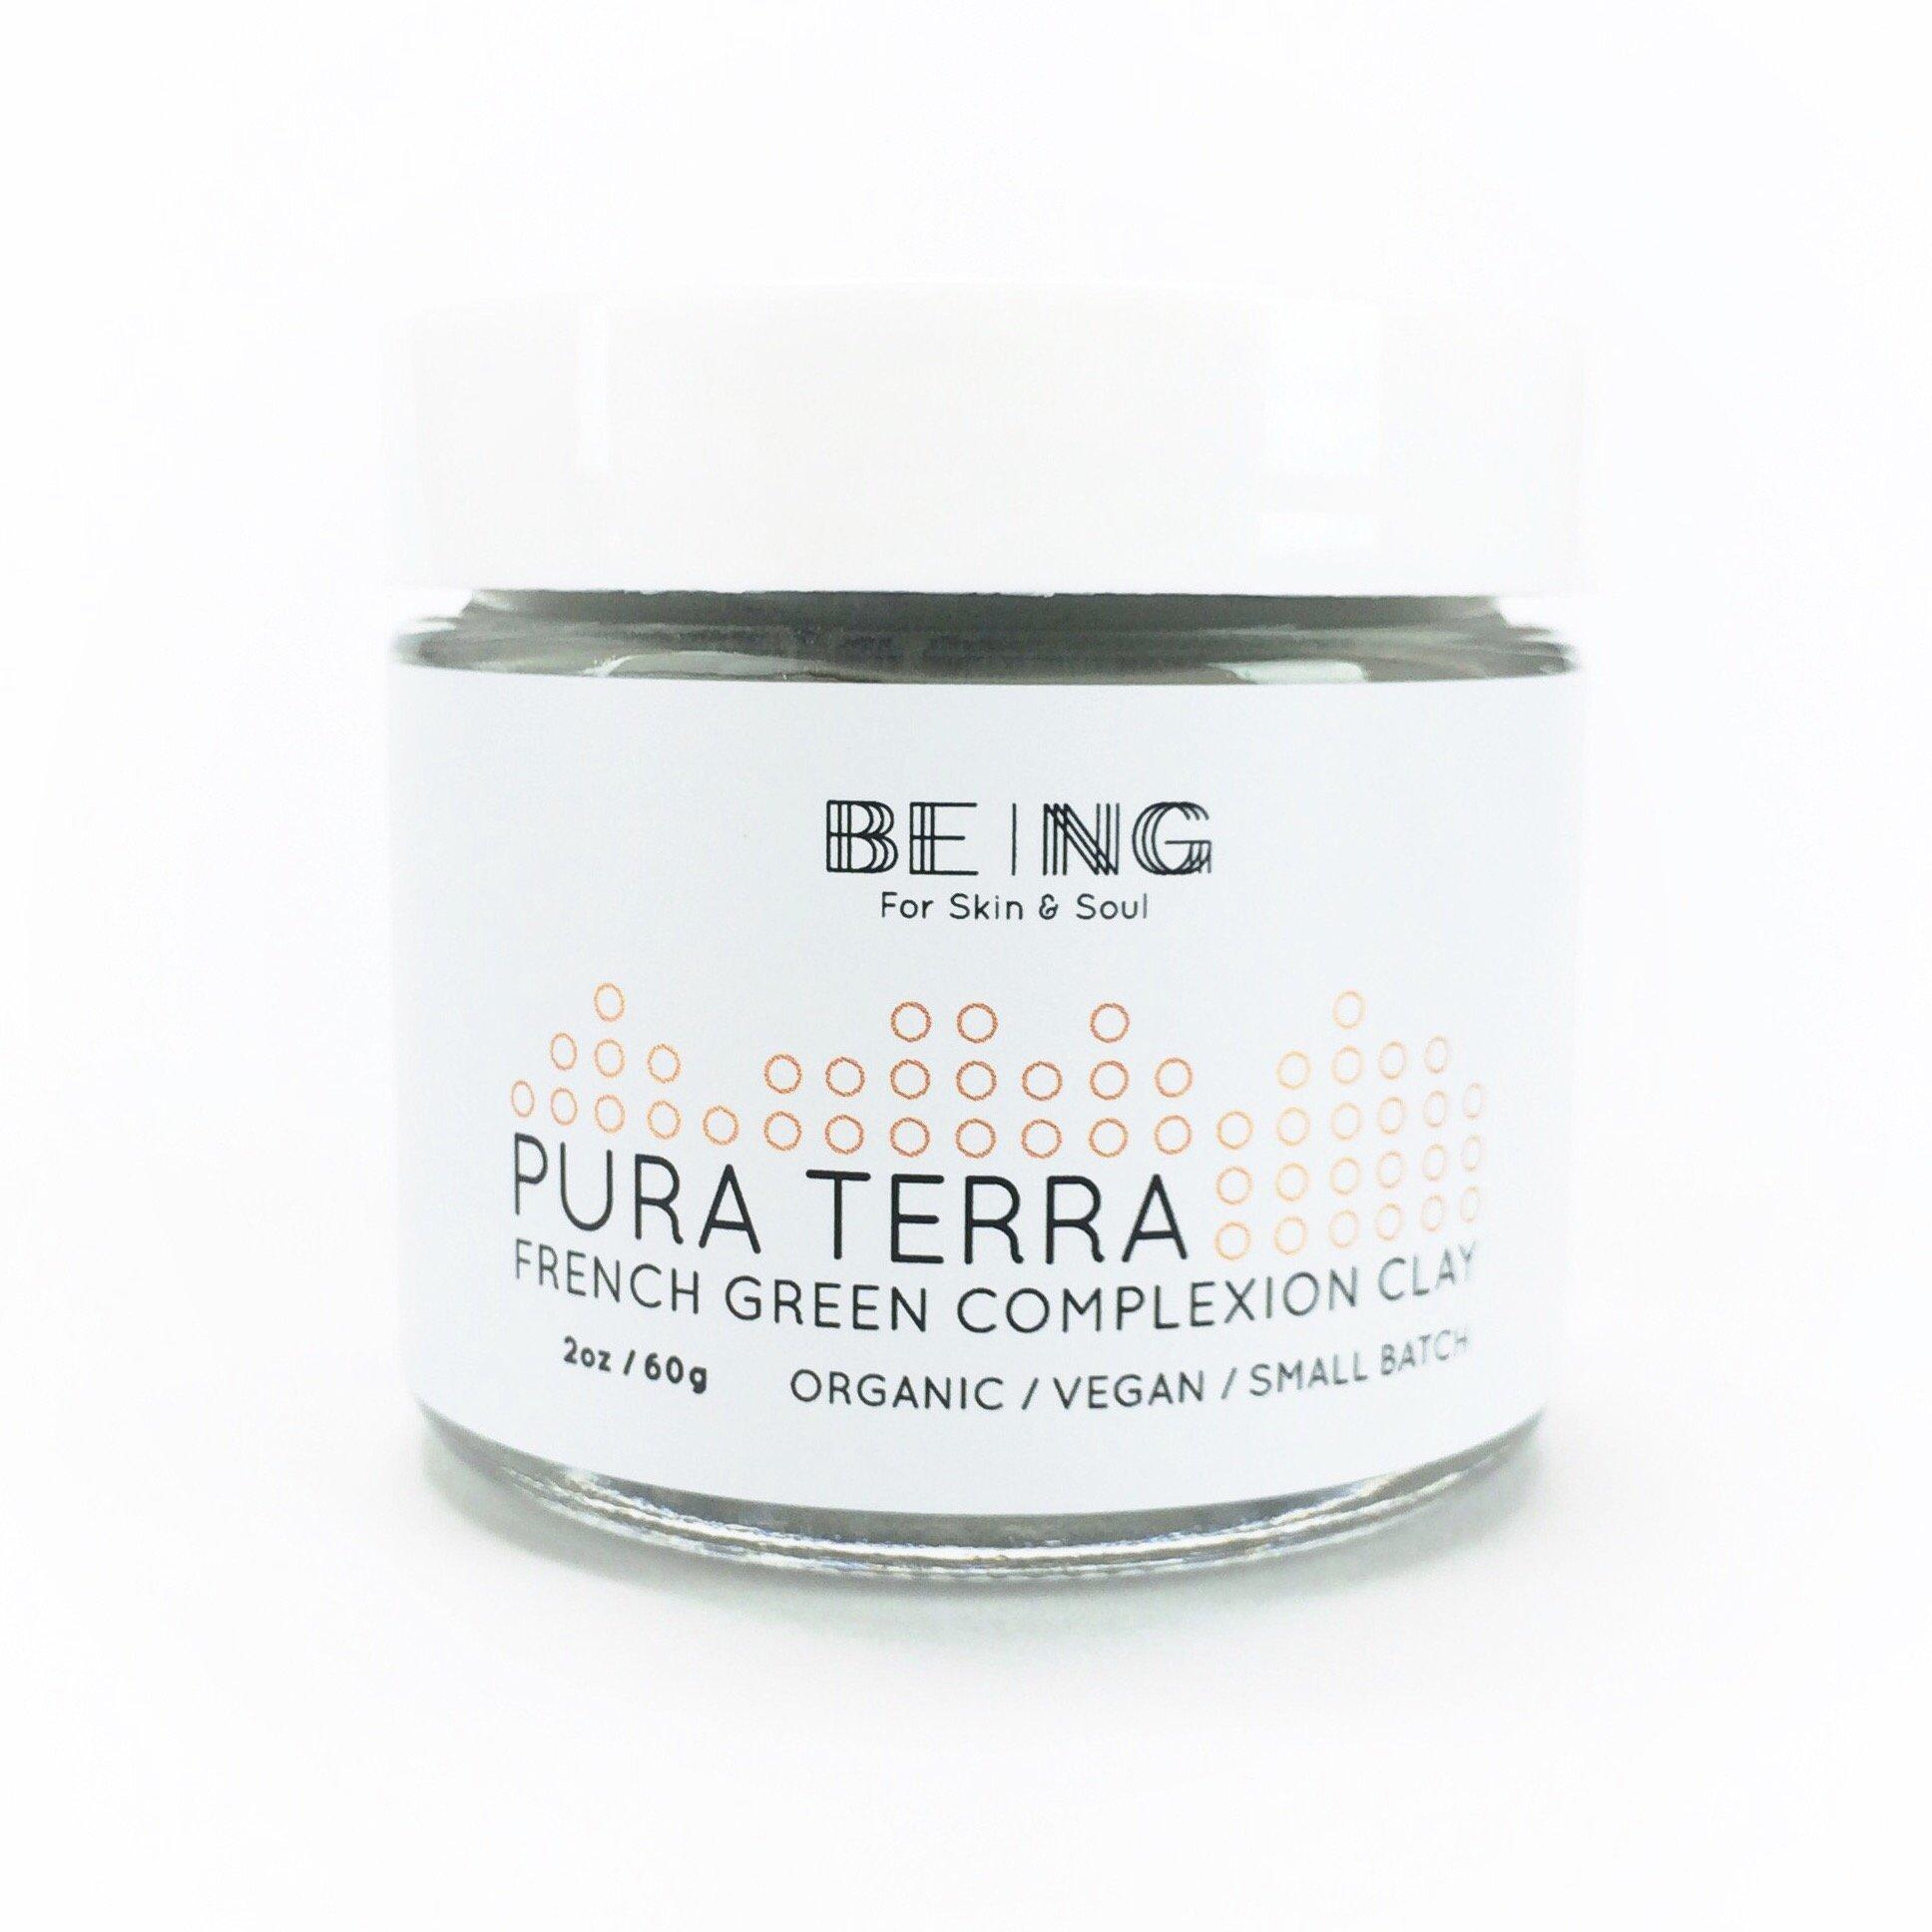 Purra Terra Exfoliate Clay Mask